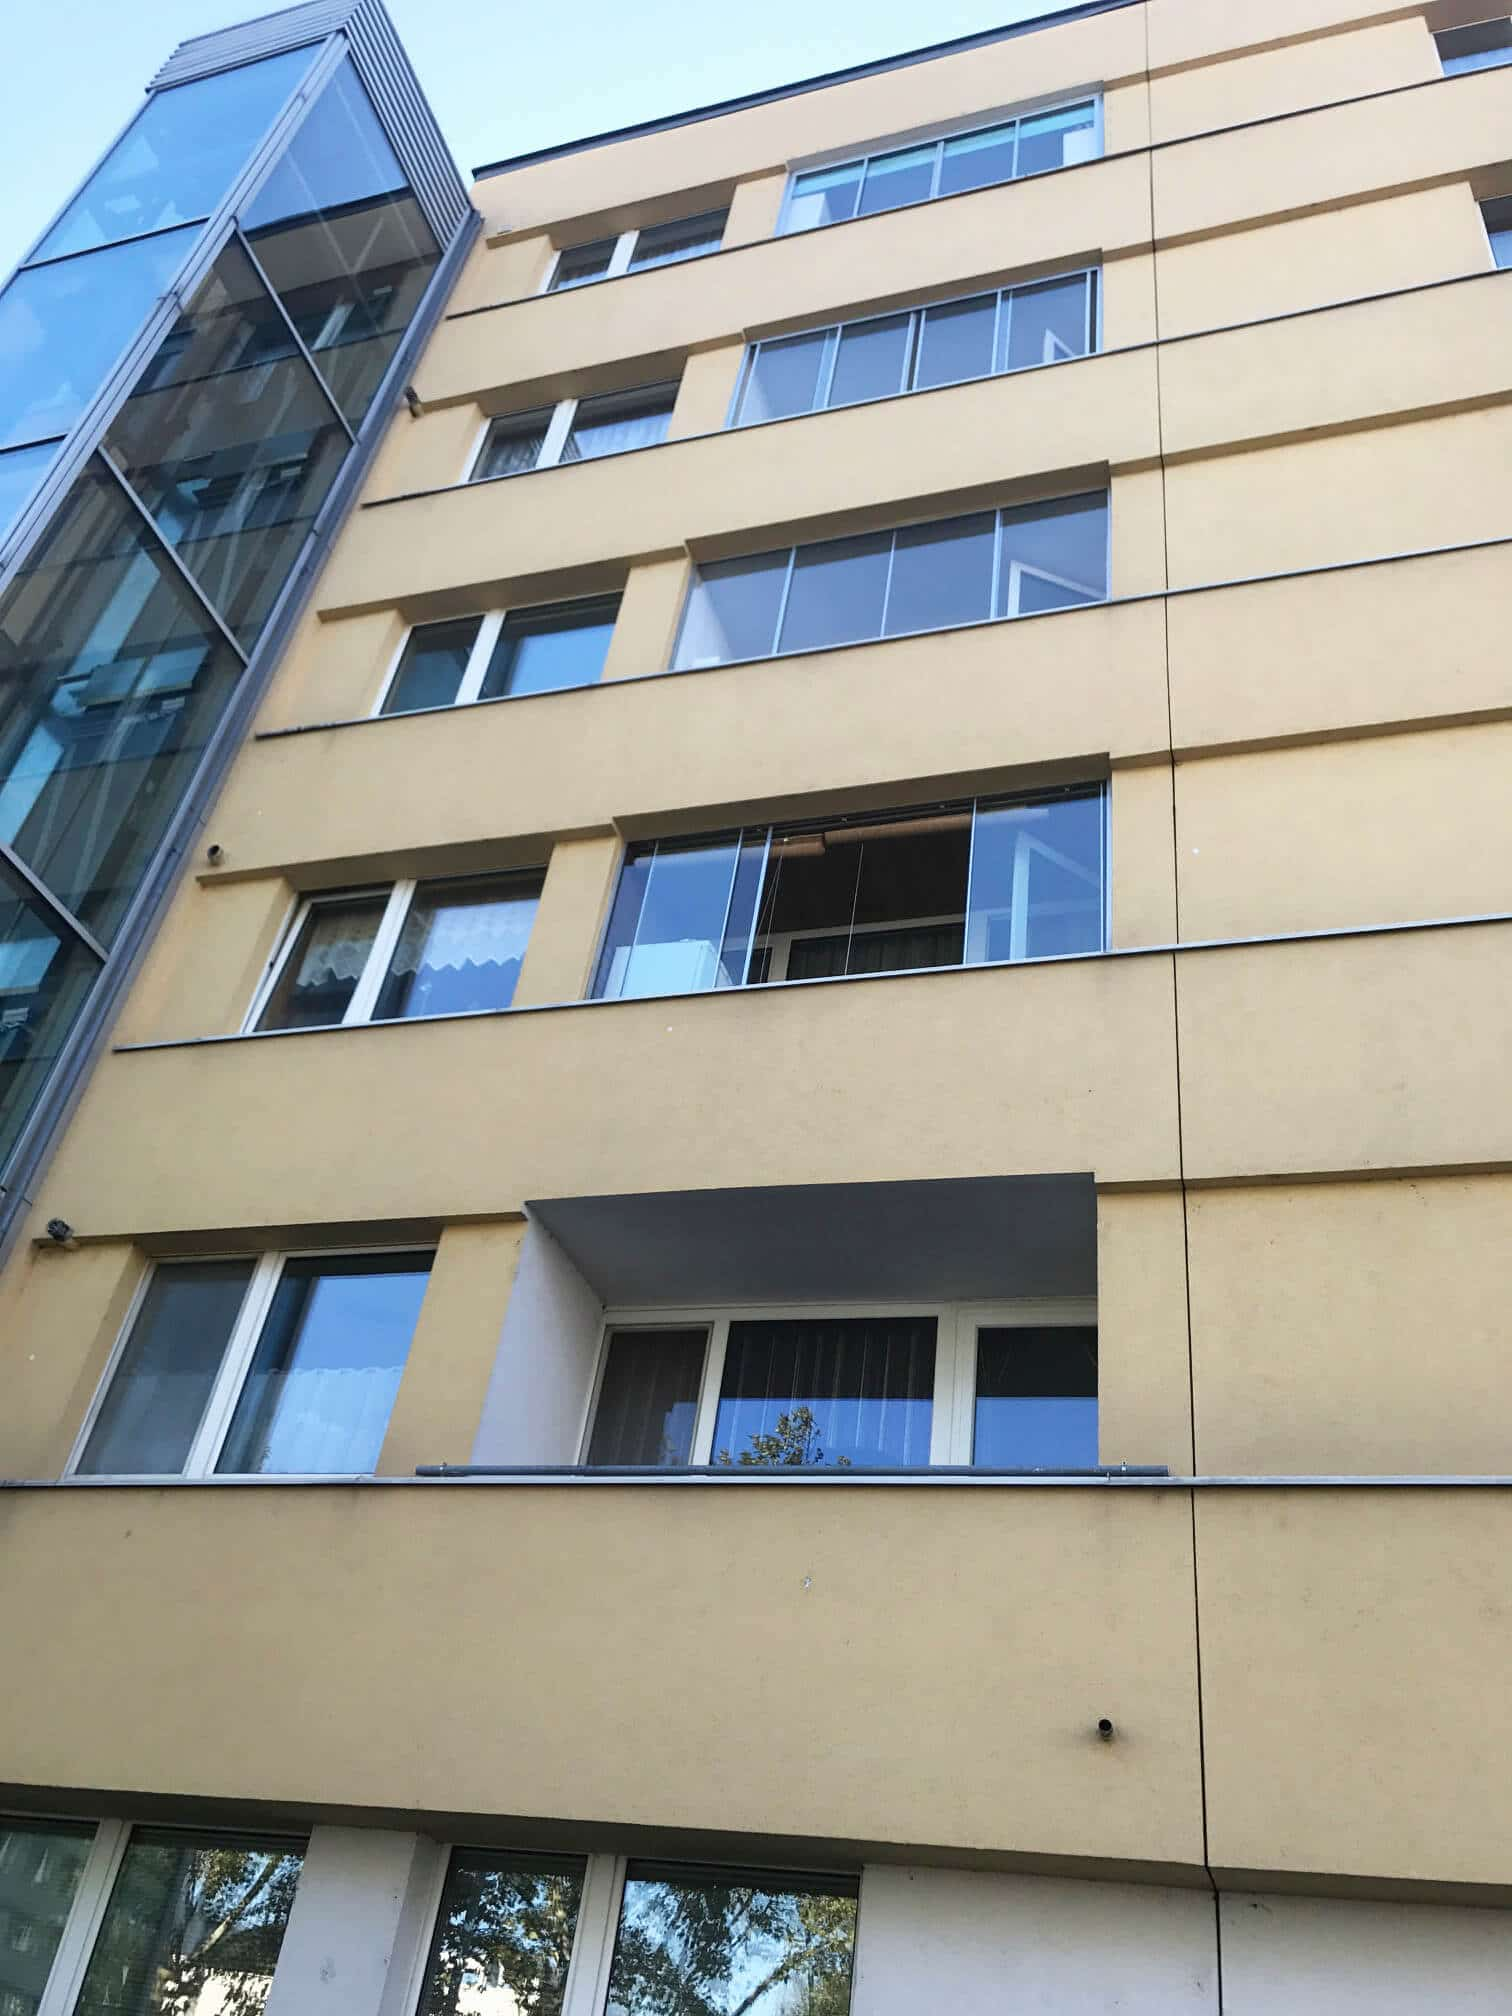 Fenster Schiebeelemente schiebeelemente glas terrasse fenster schmidinger